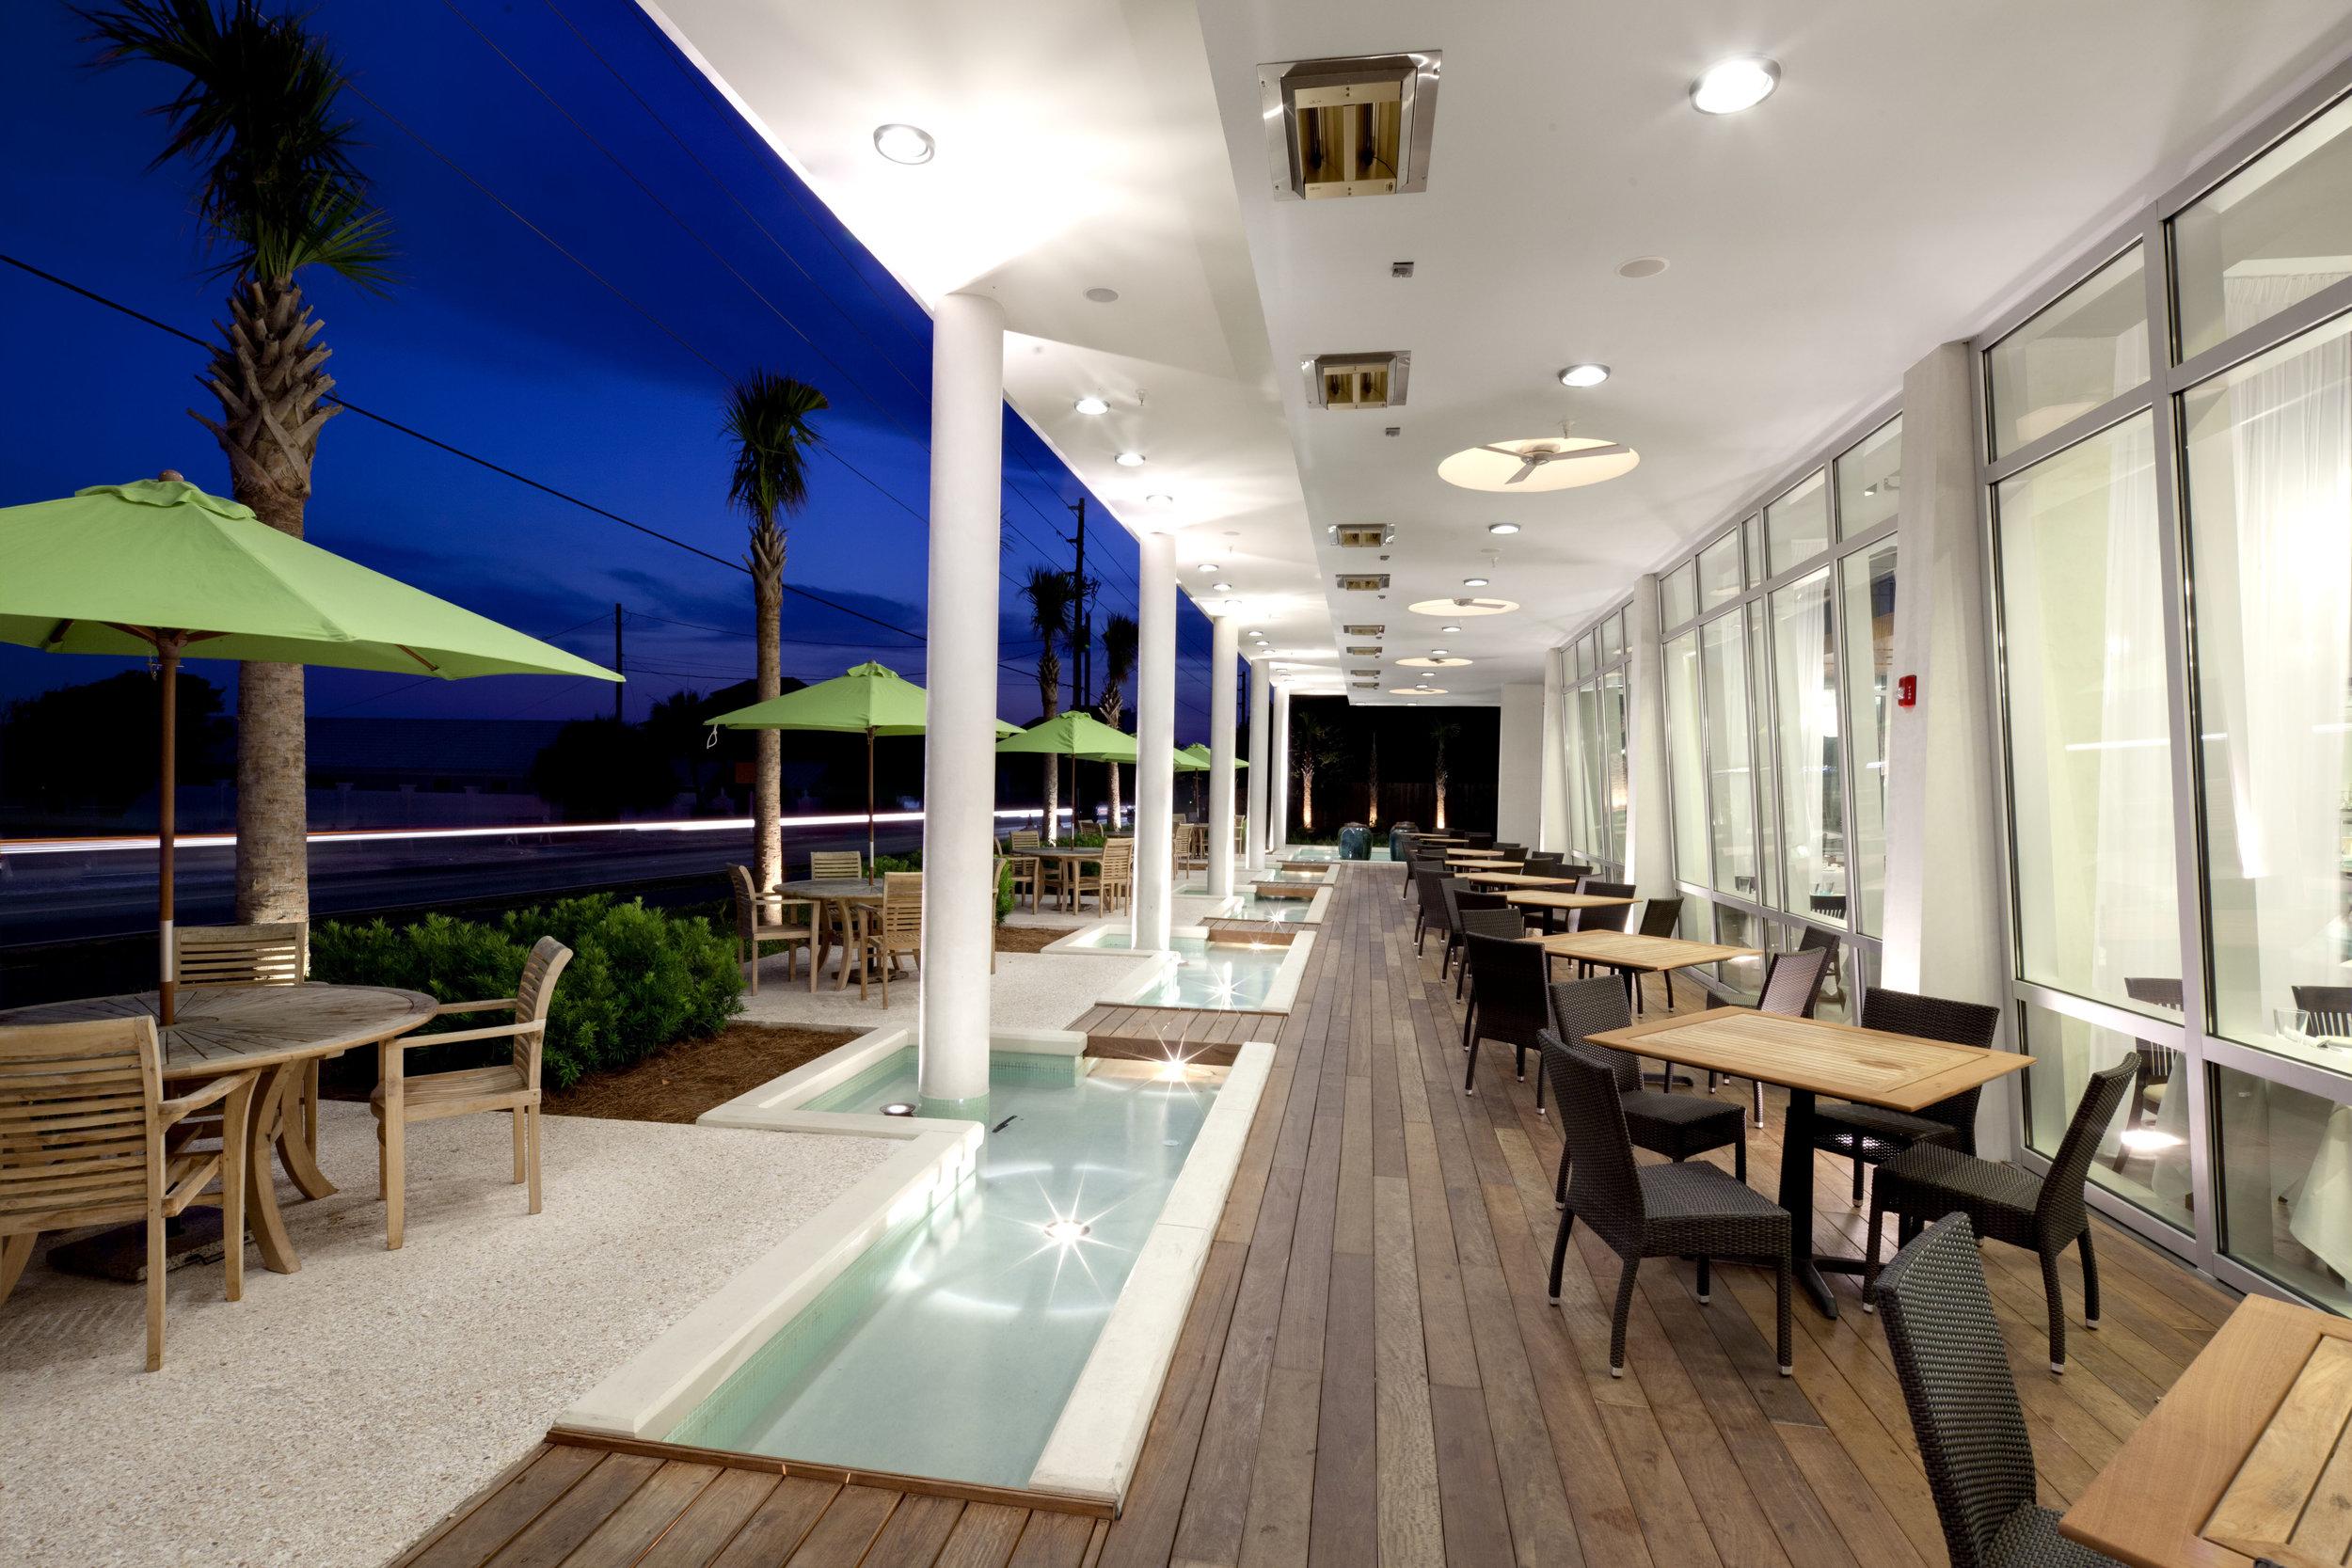 Viridian_night-patio07.jpg